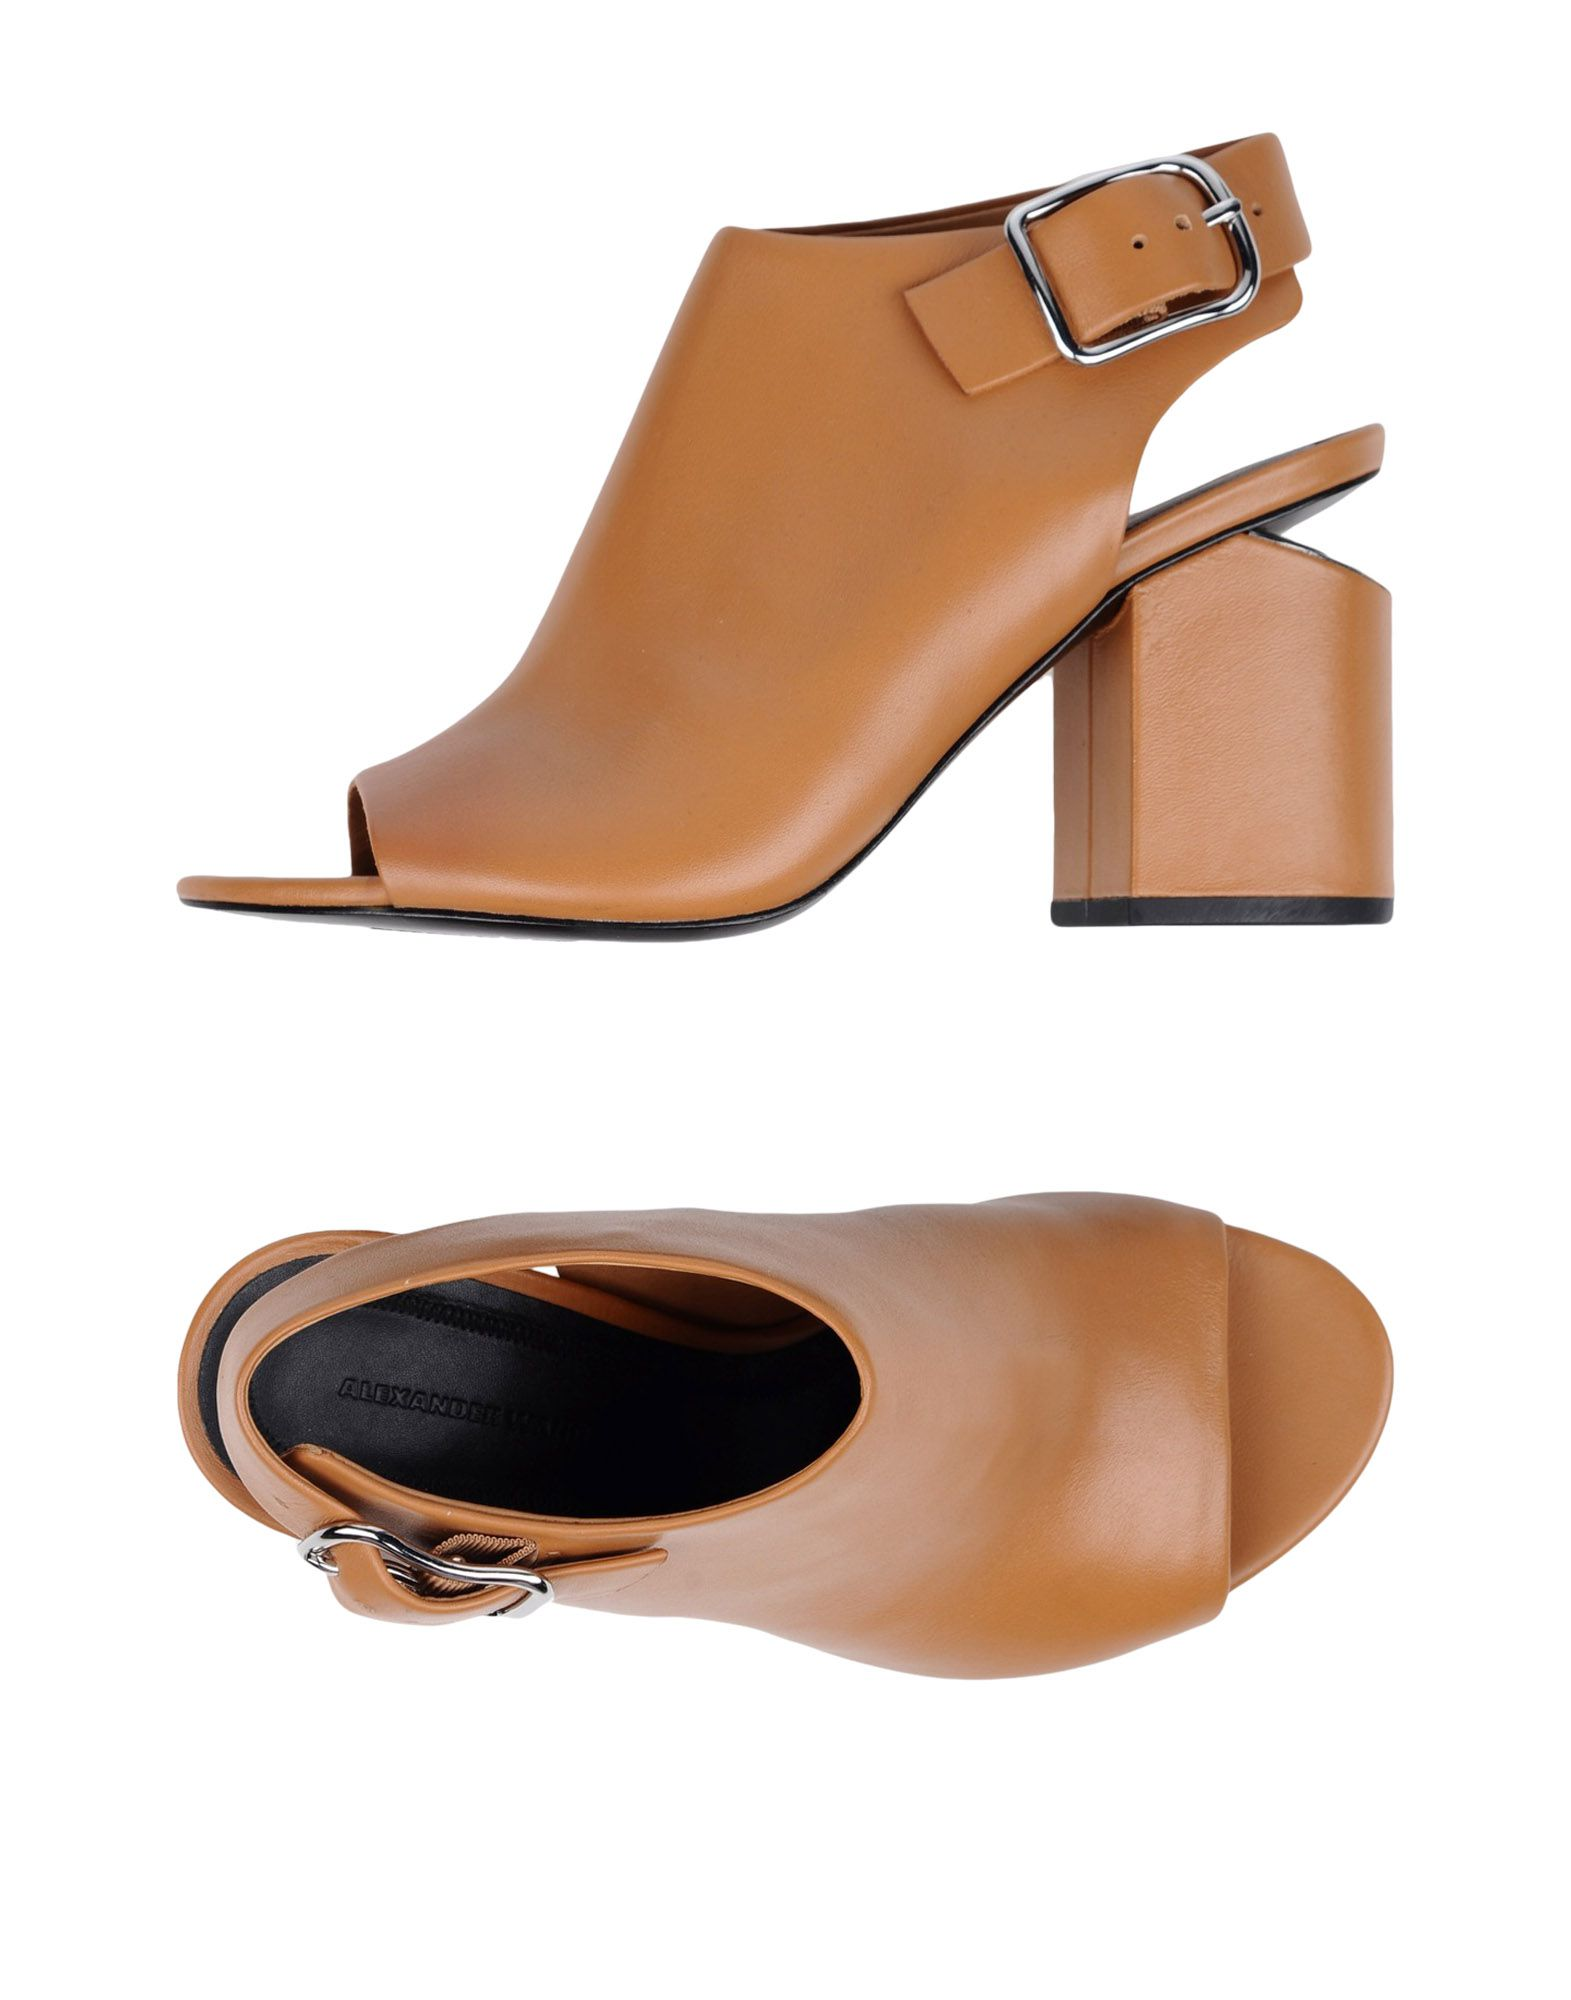 Alexander Wang Sandalen Damen  11347202OMGut aussehende strapazierfähige Schuhe